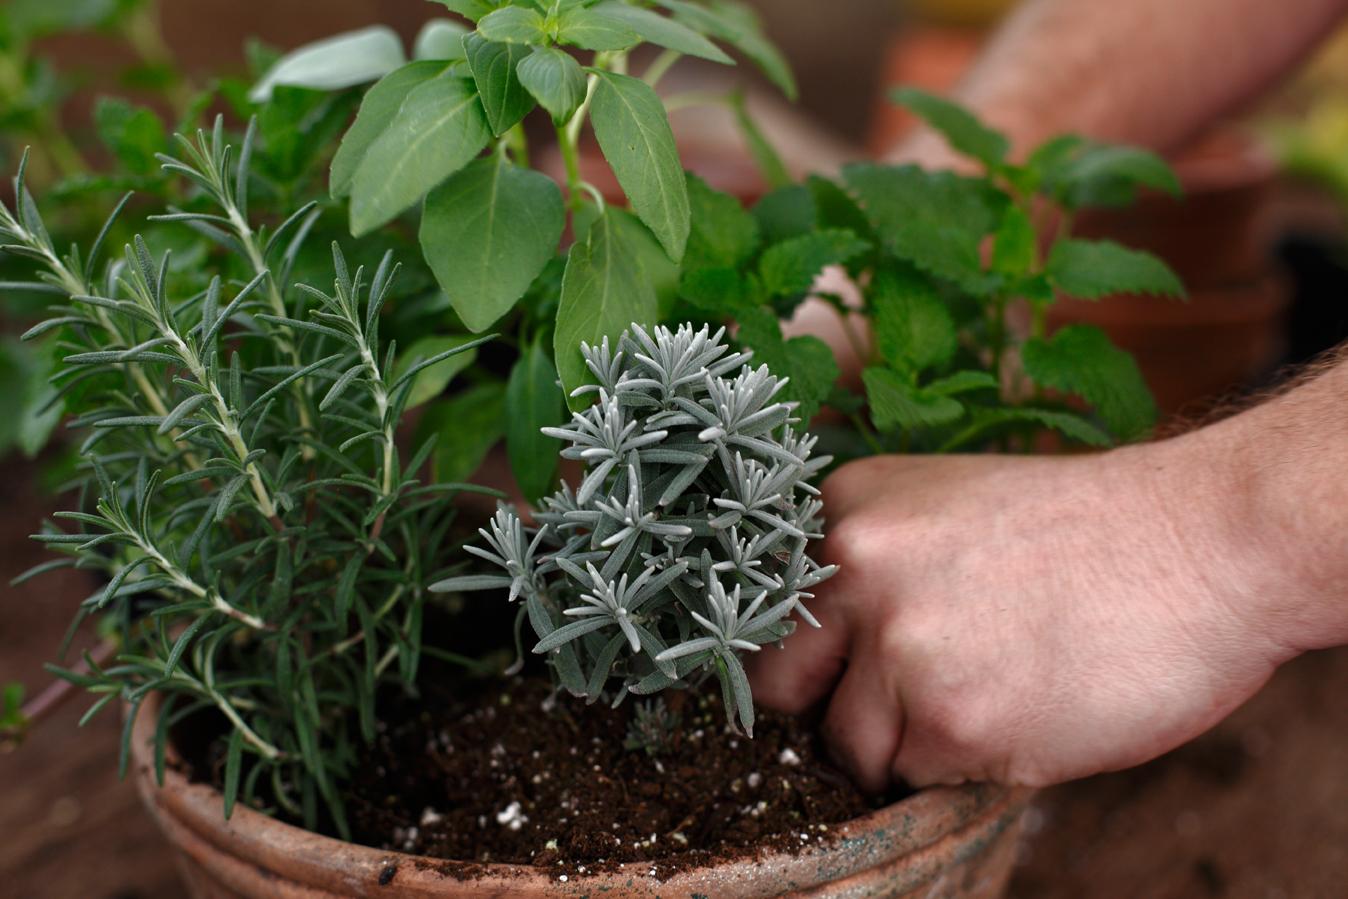 Zasadite pored mirisnih cvjetnica i druge mirisne biljke, bosiljak, ruzmarin, majčinu dušicu.